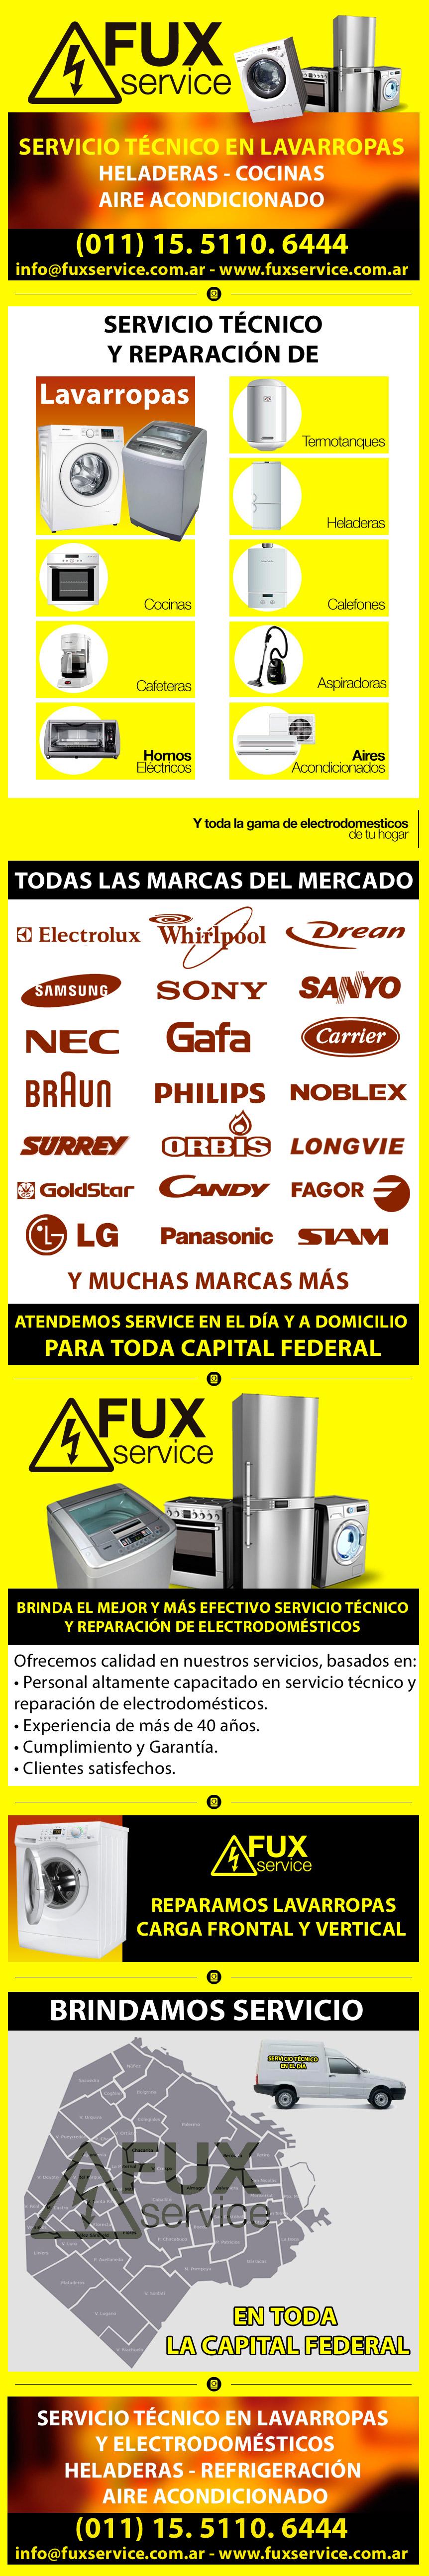 Fux Service - Reparación de lavarropas